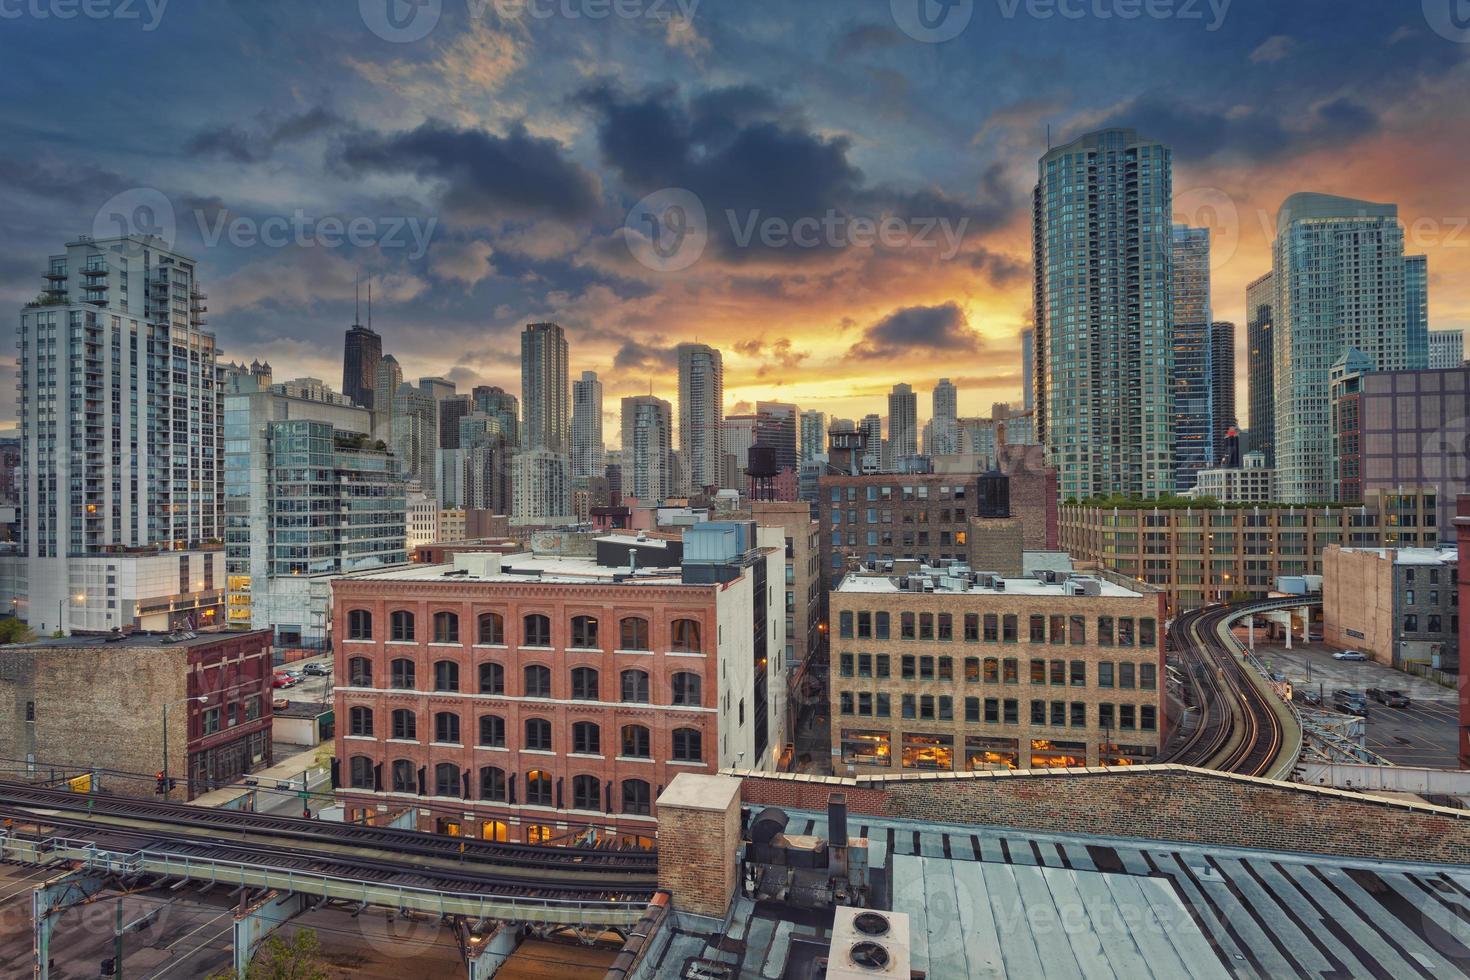 centre-ville de chicago. photo